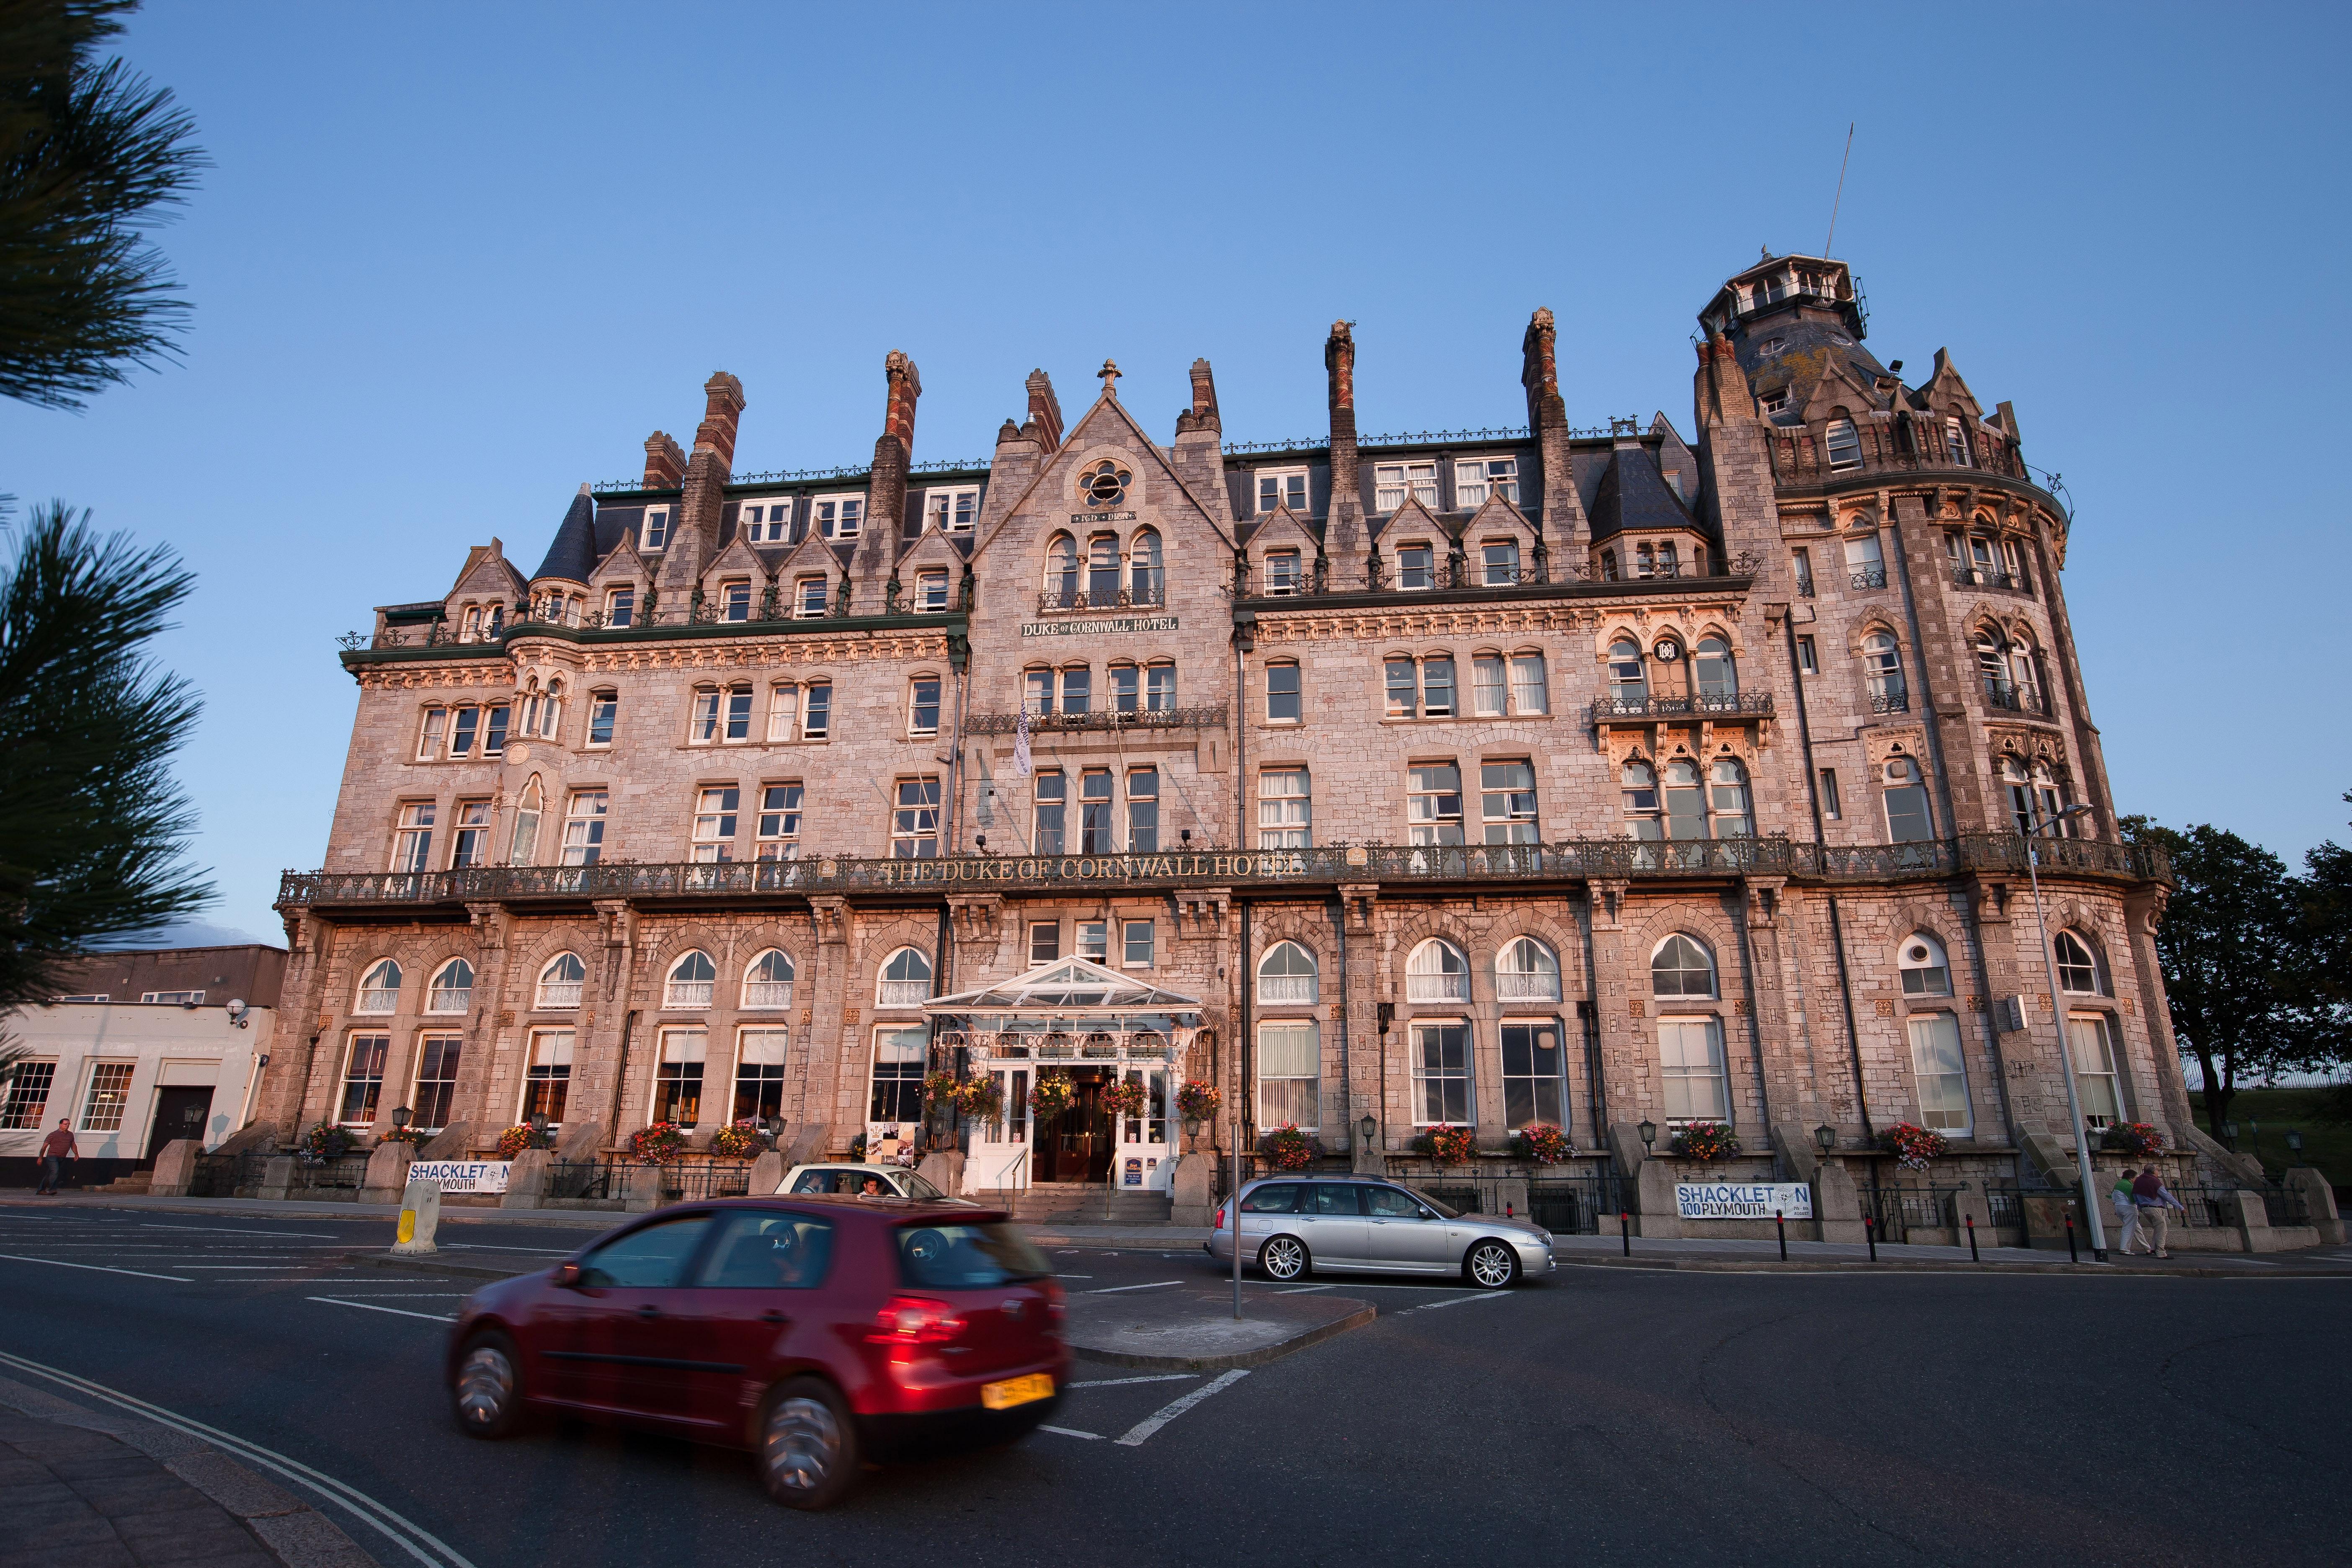 Kostenlose foto : die Architektur, Straße, Stadt, Gebäude, Chateau ...